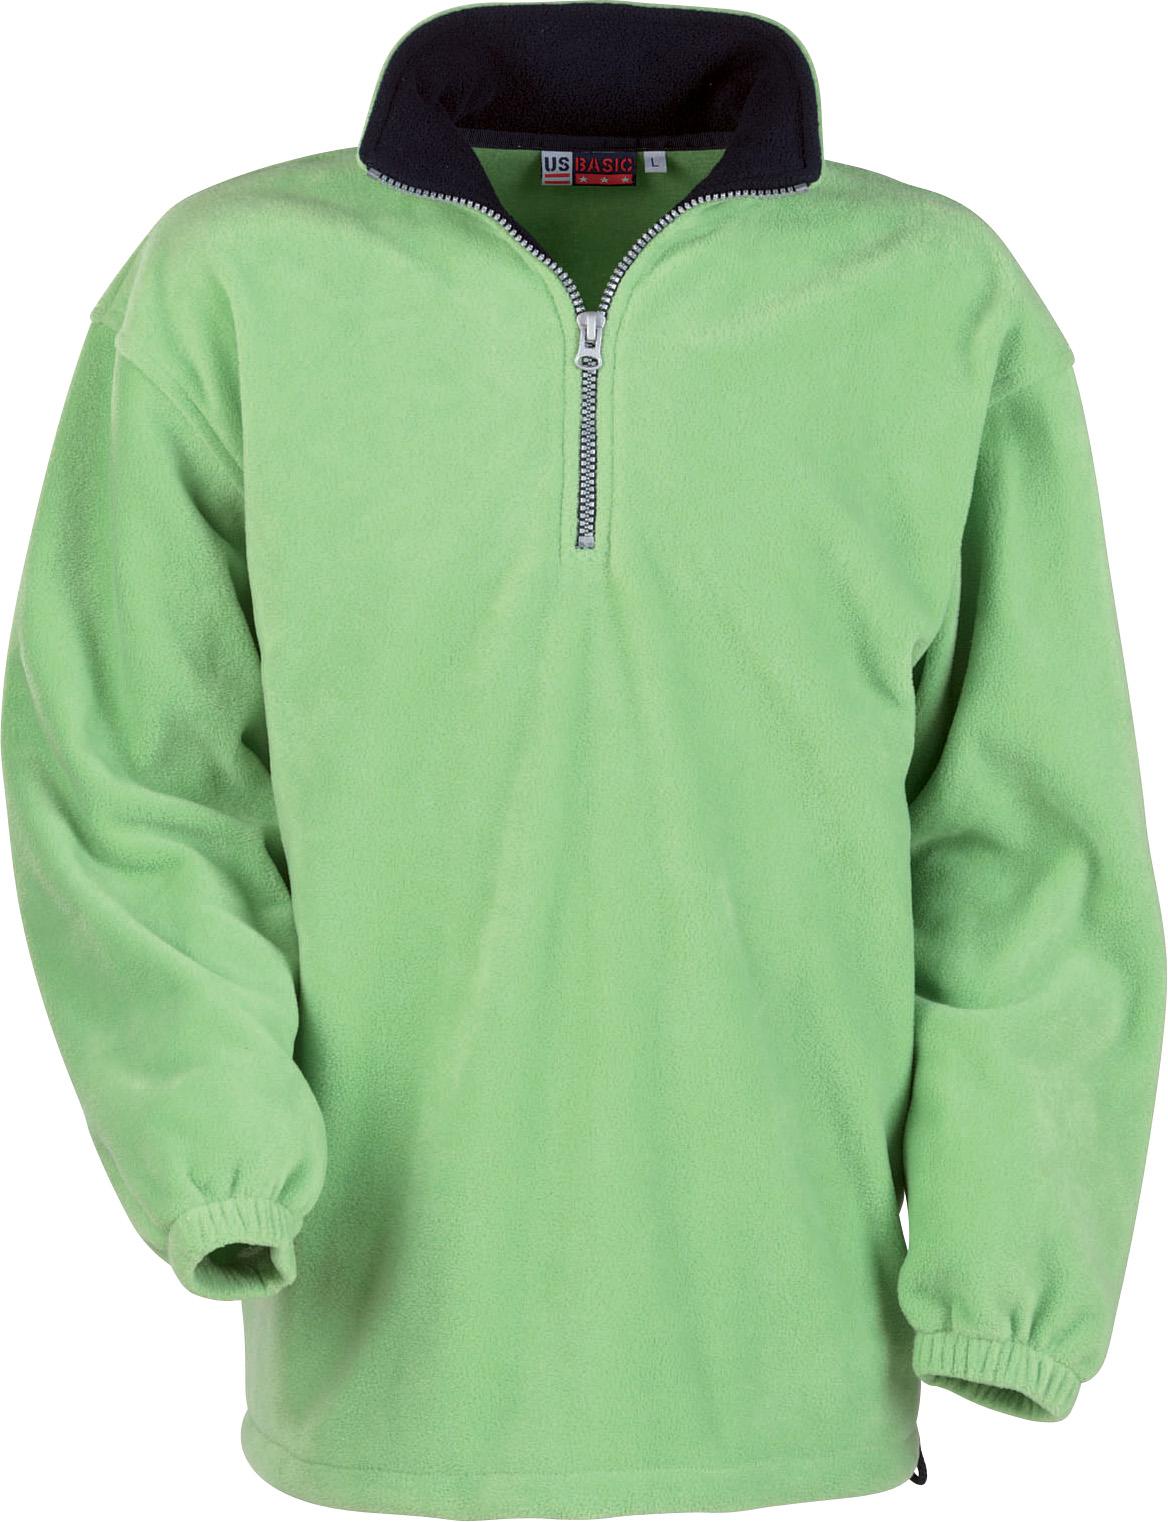 Bluza Polarowa 31797 Taos Us - 31797_zielony_granatowy - Kolor: Zielony/Granatowy